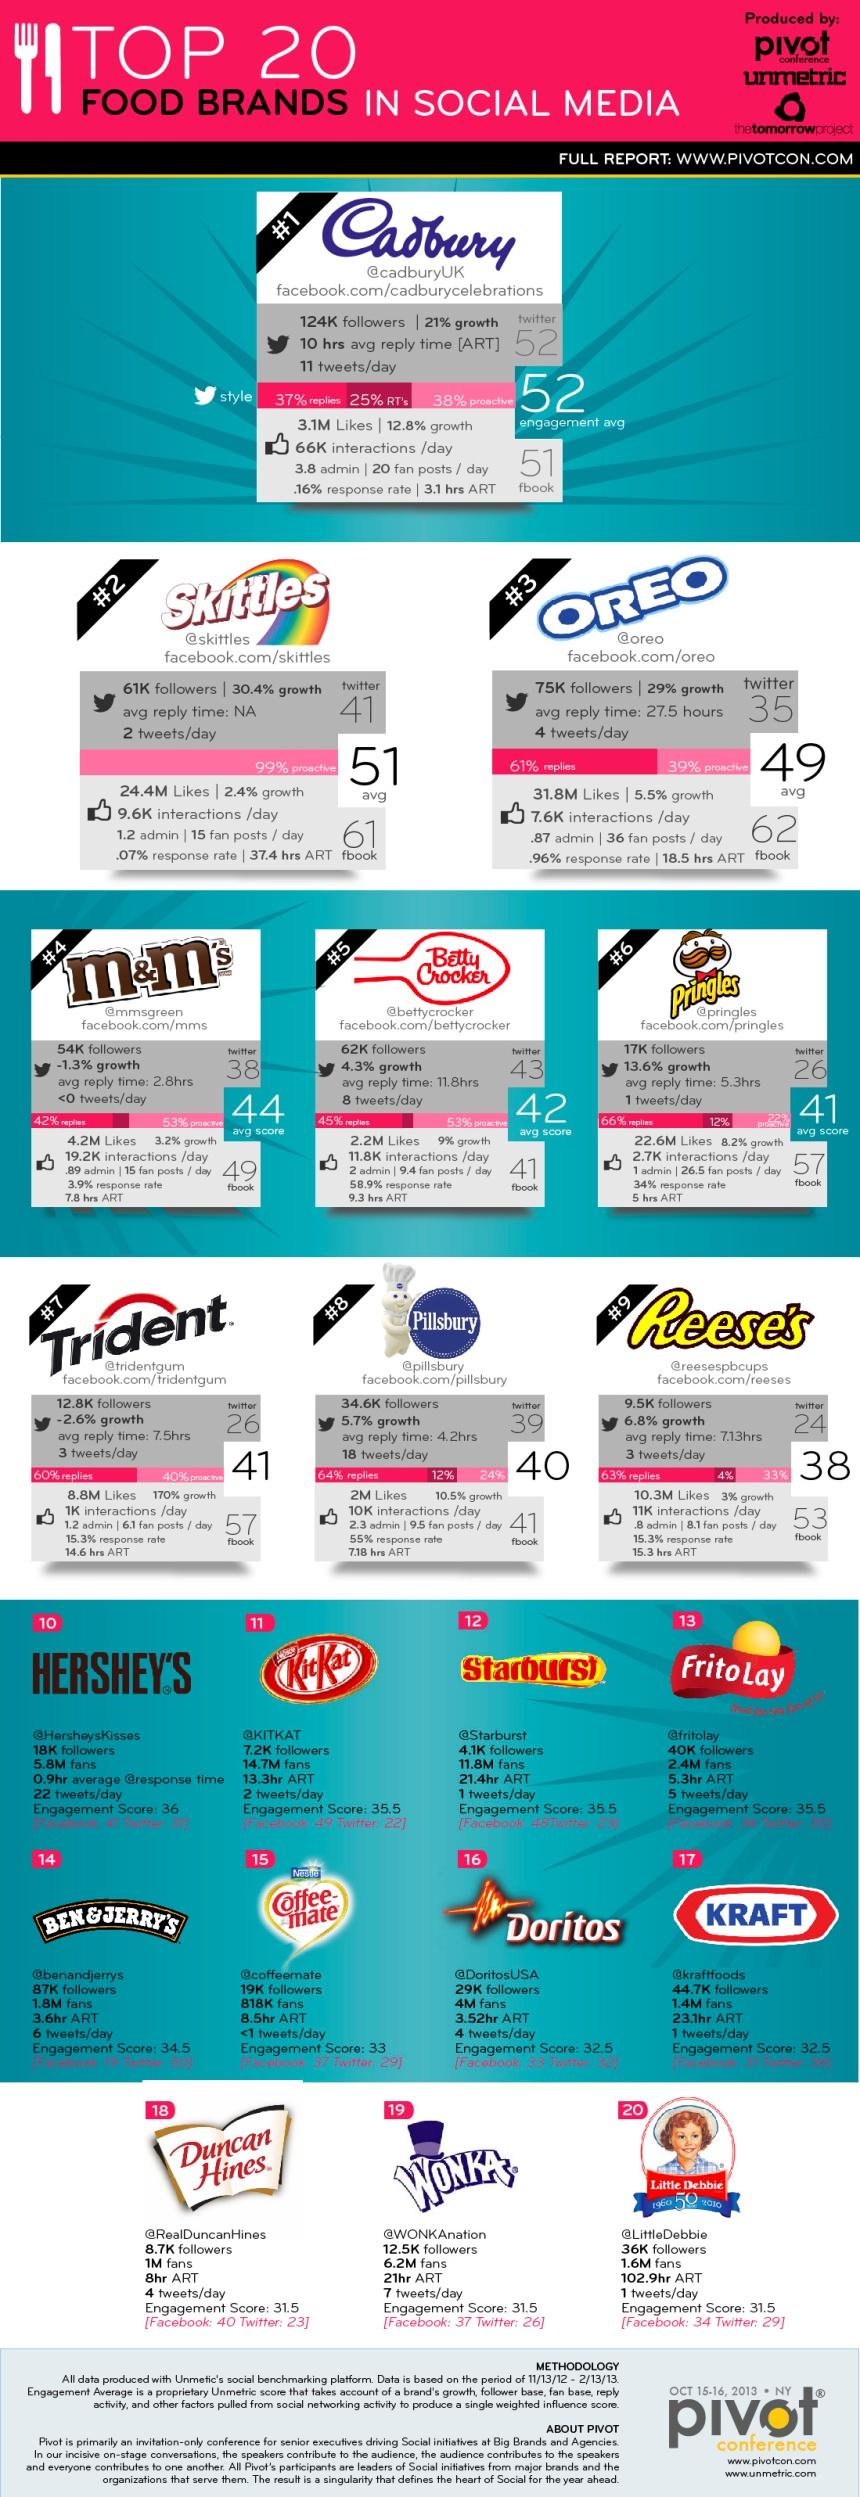 Top 20 marcas de alimentación en Social Media